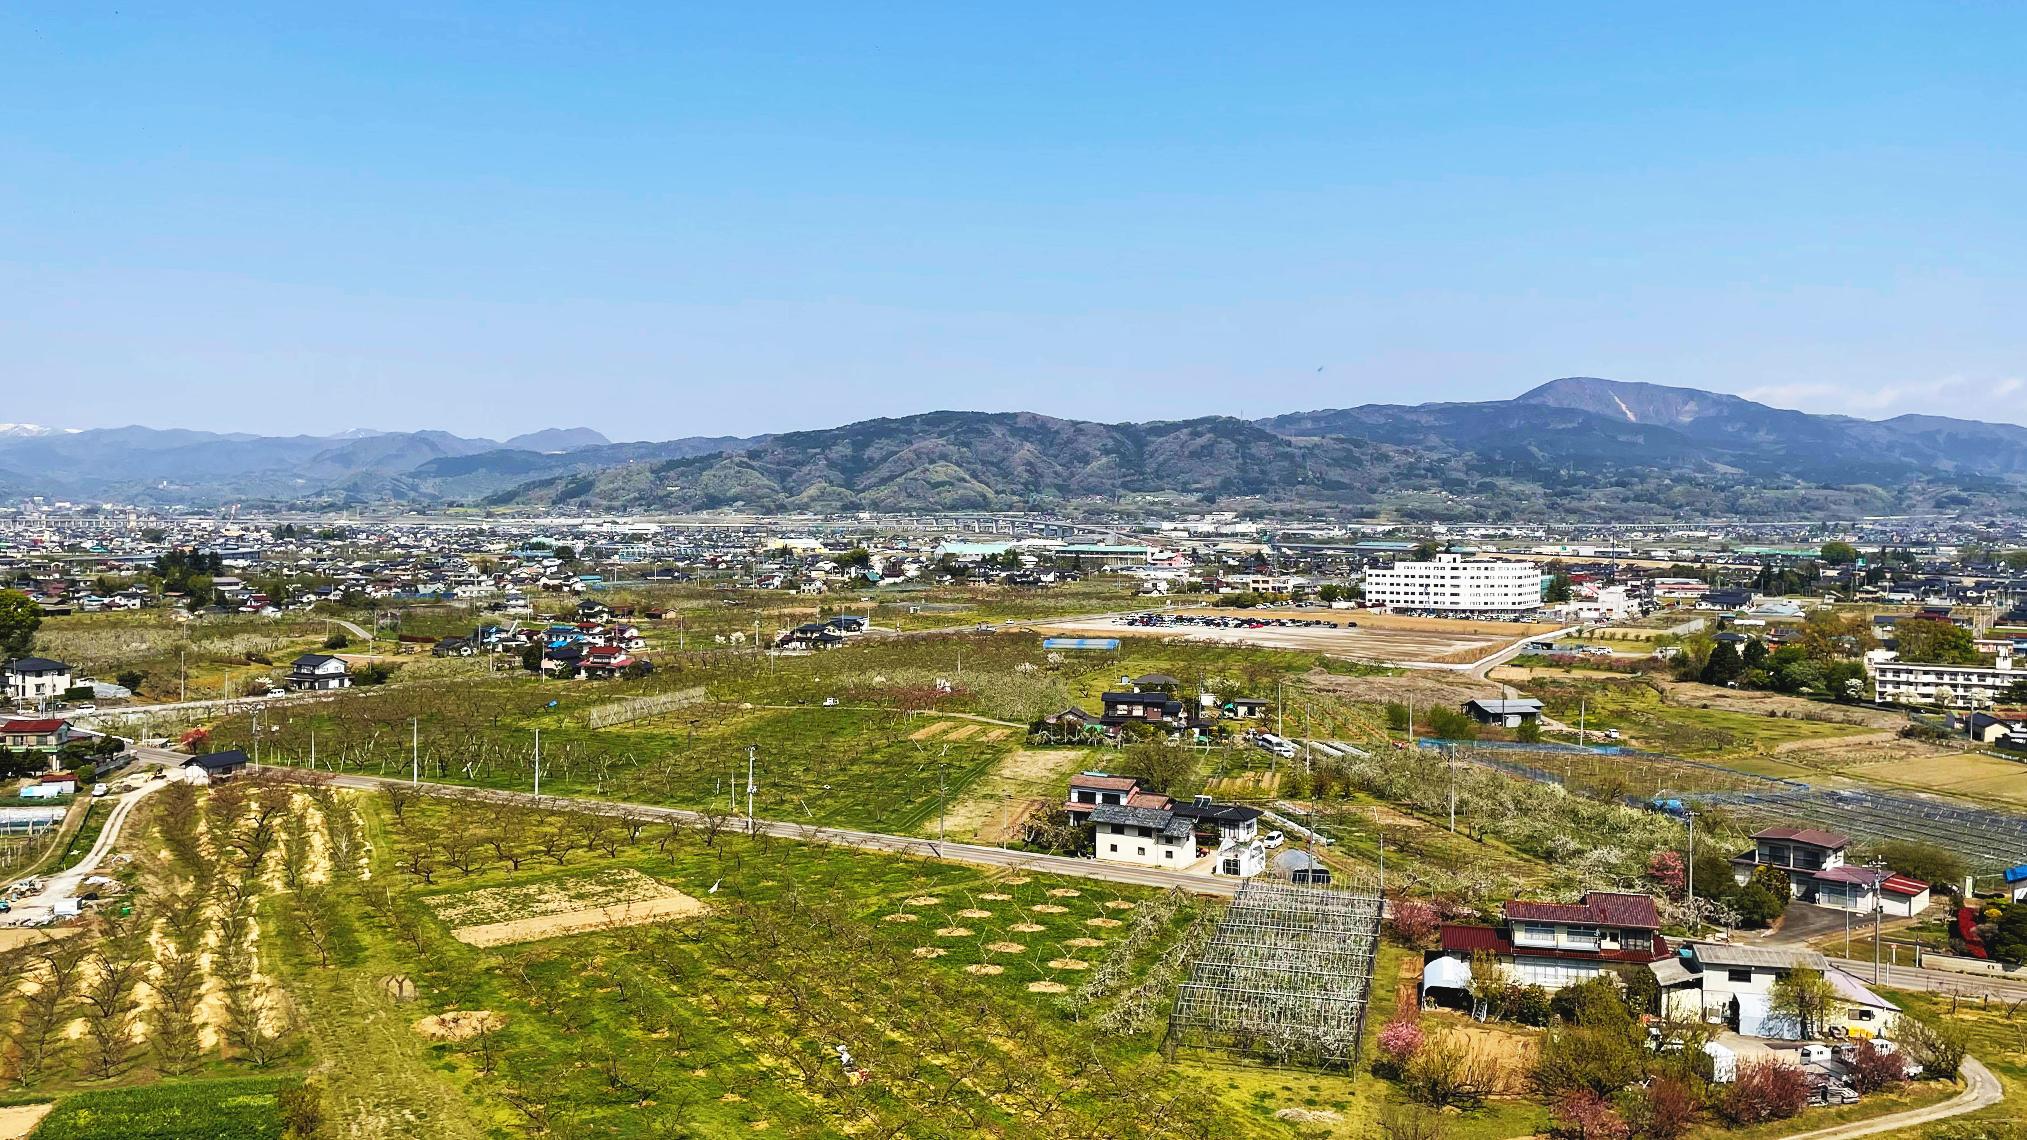 企業の地方移転を「自分事」にするために、福島県伊達市で妄想をはじめよう。